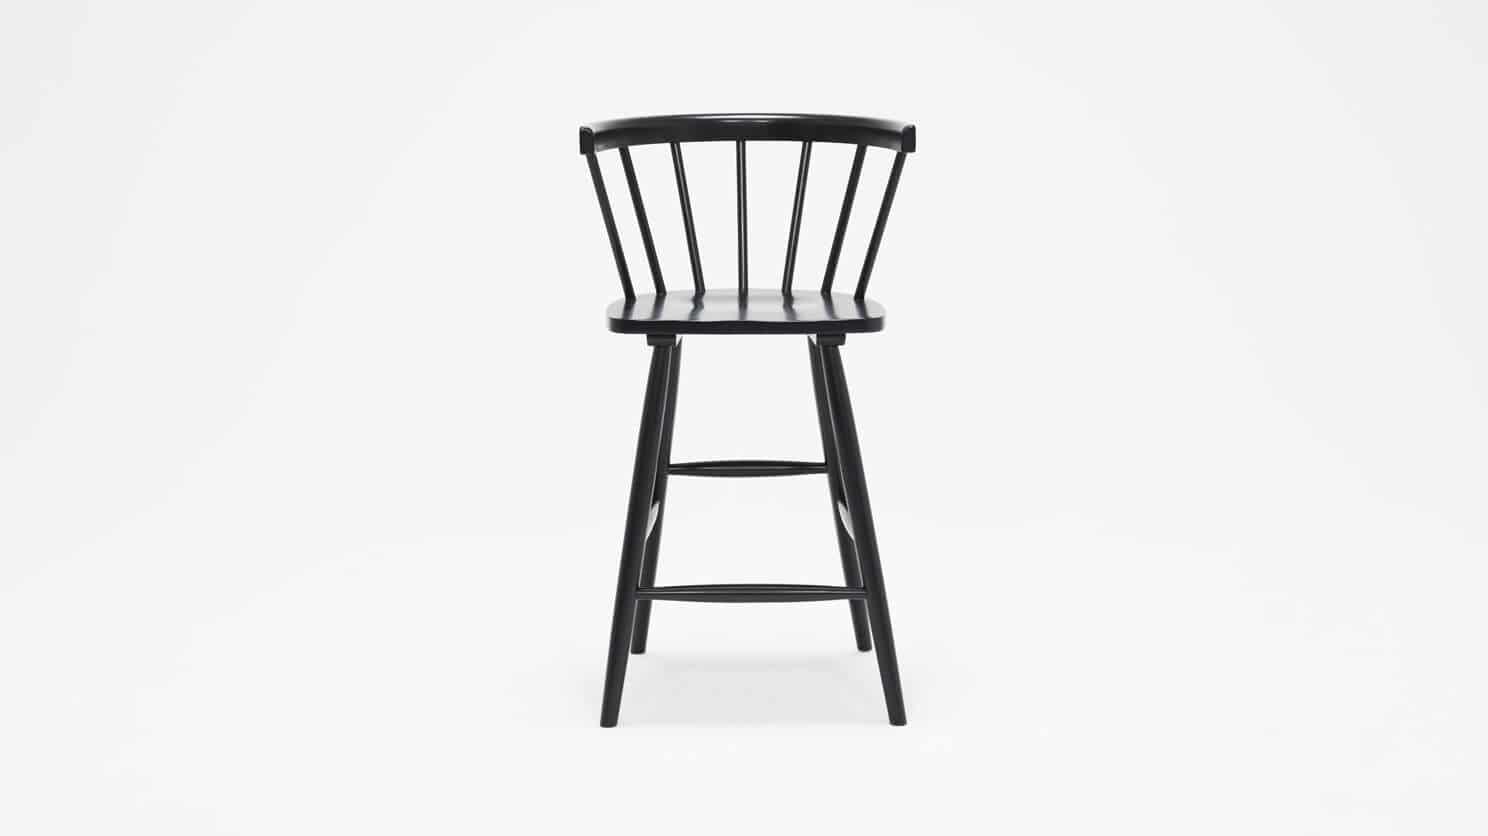 3020 270 par 1 stools lyla arm chair counter black front 02